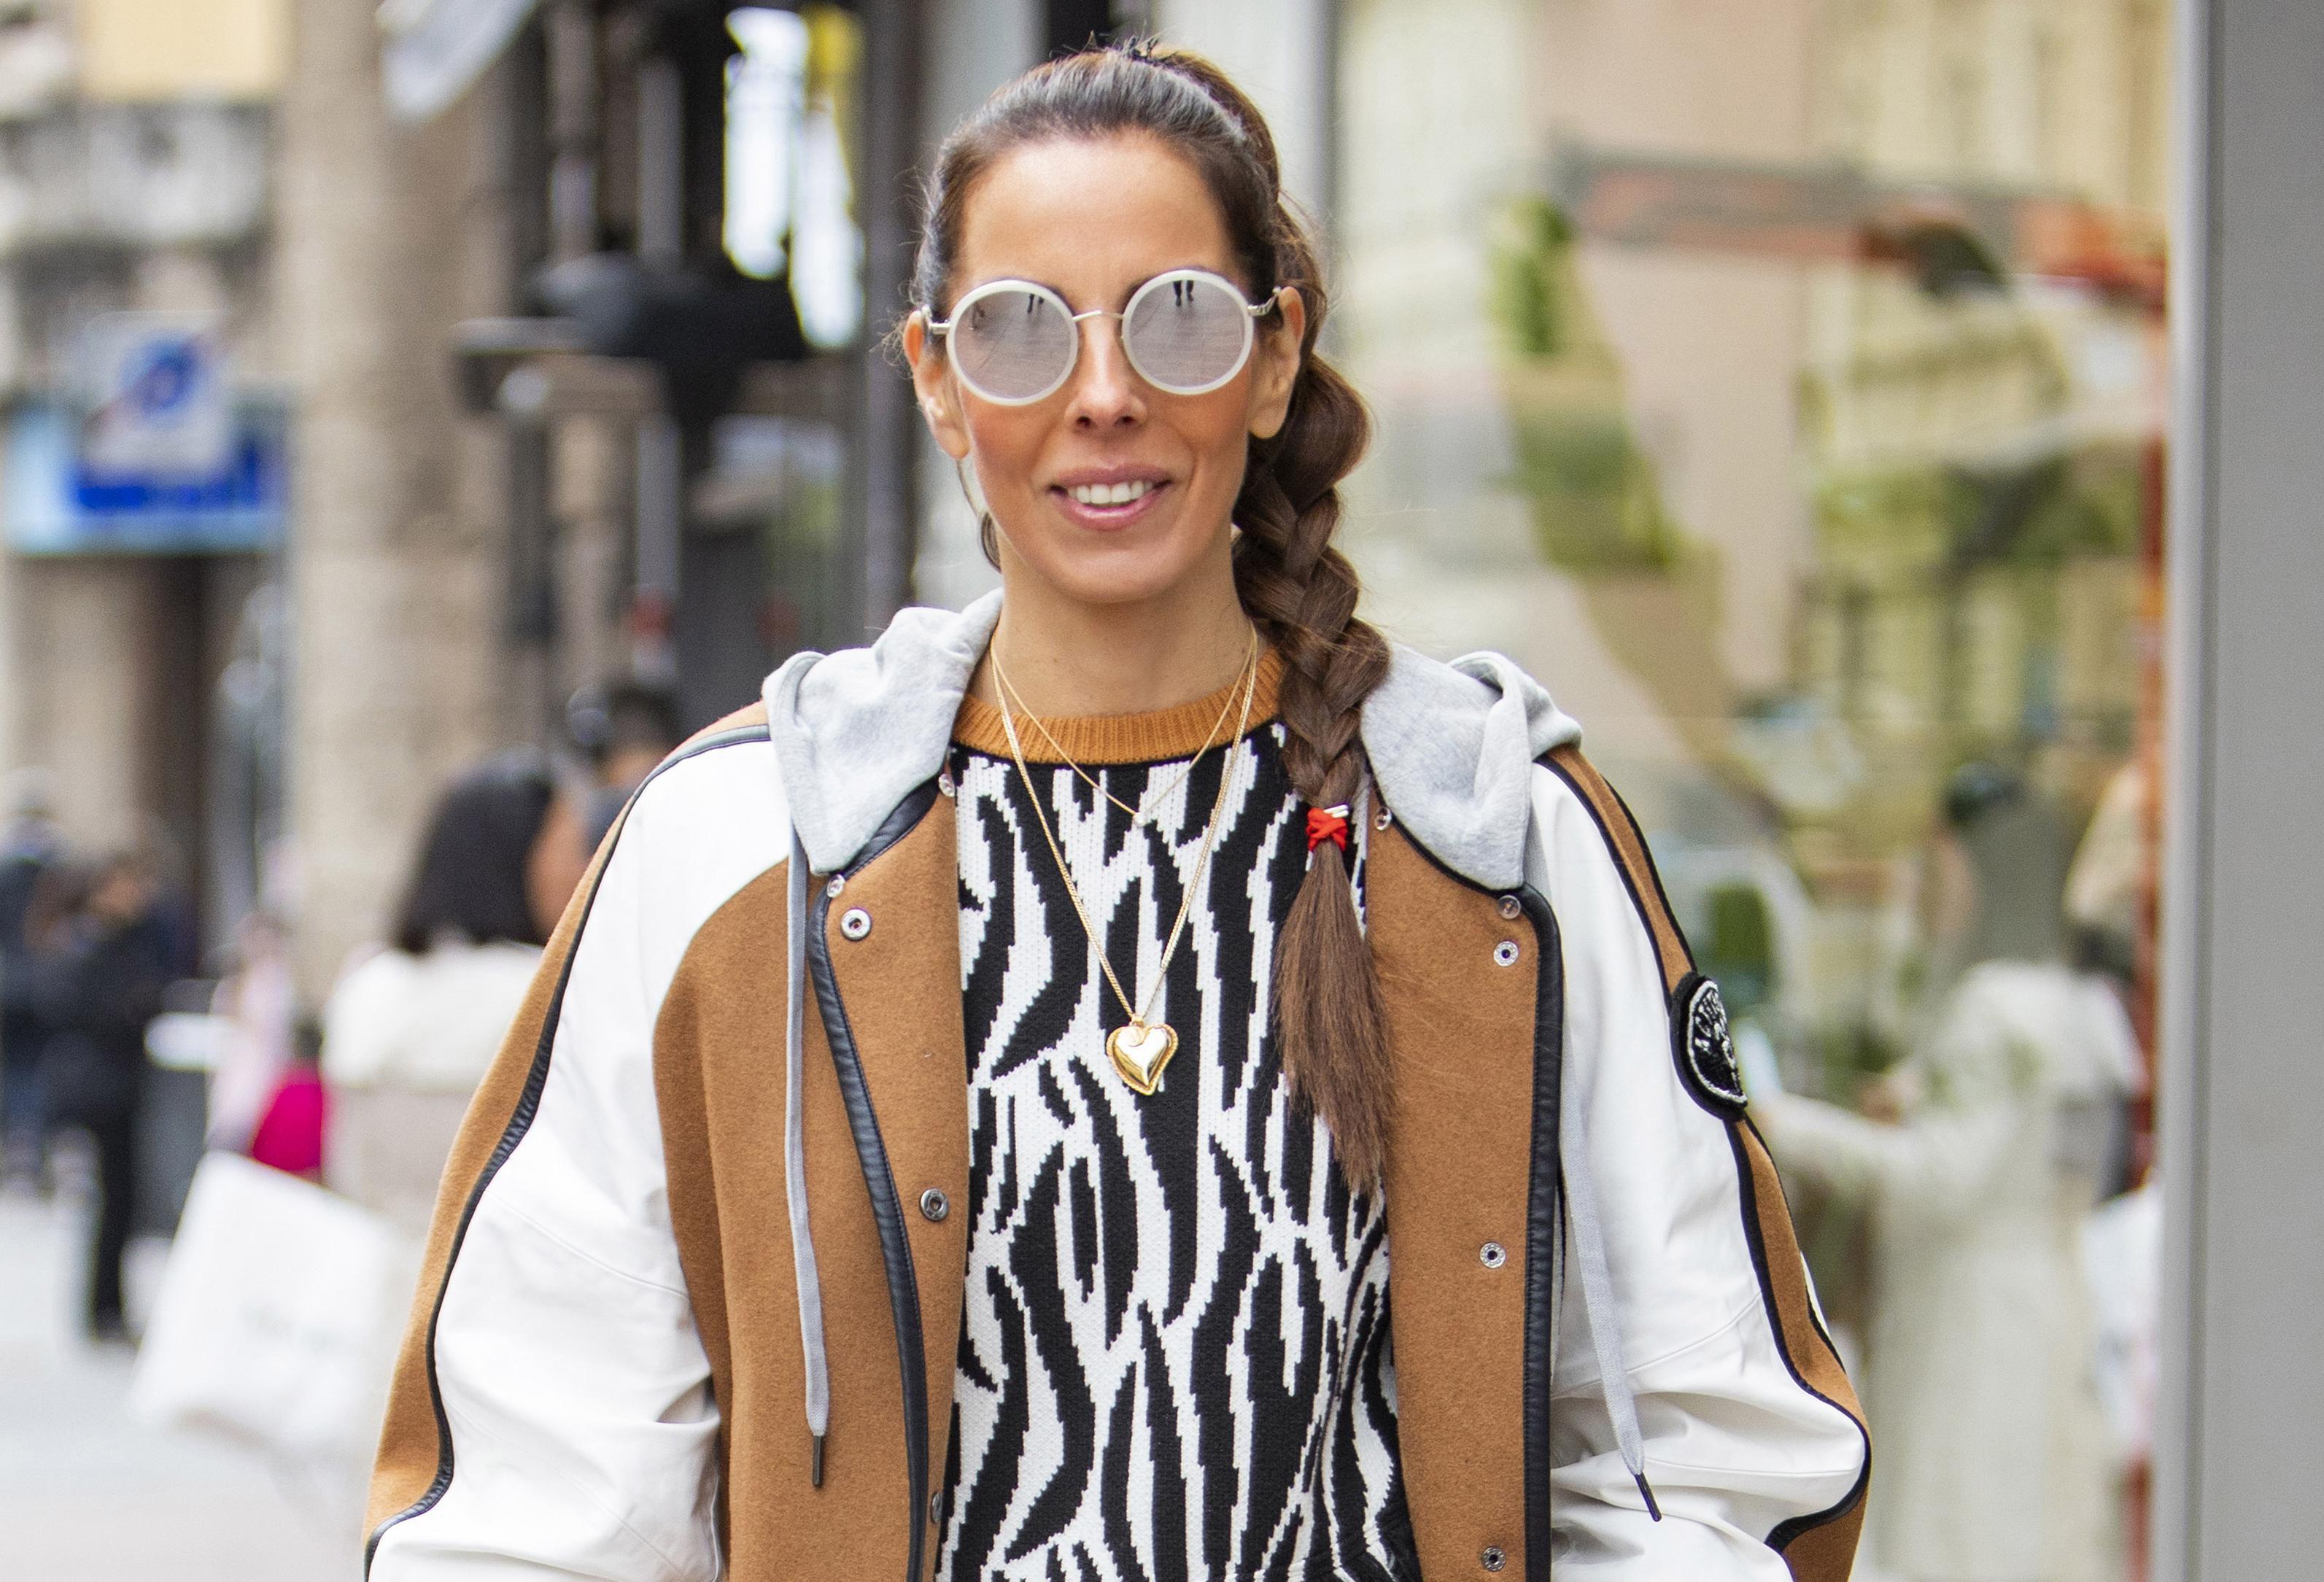 Prava majstorica spajanja nespojivog: Pogledajte kako Olja nosi sportsku jaknu i elegantne štikle